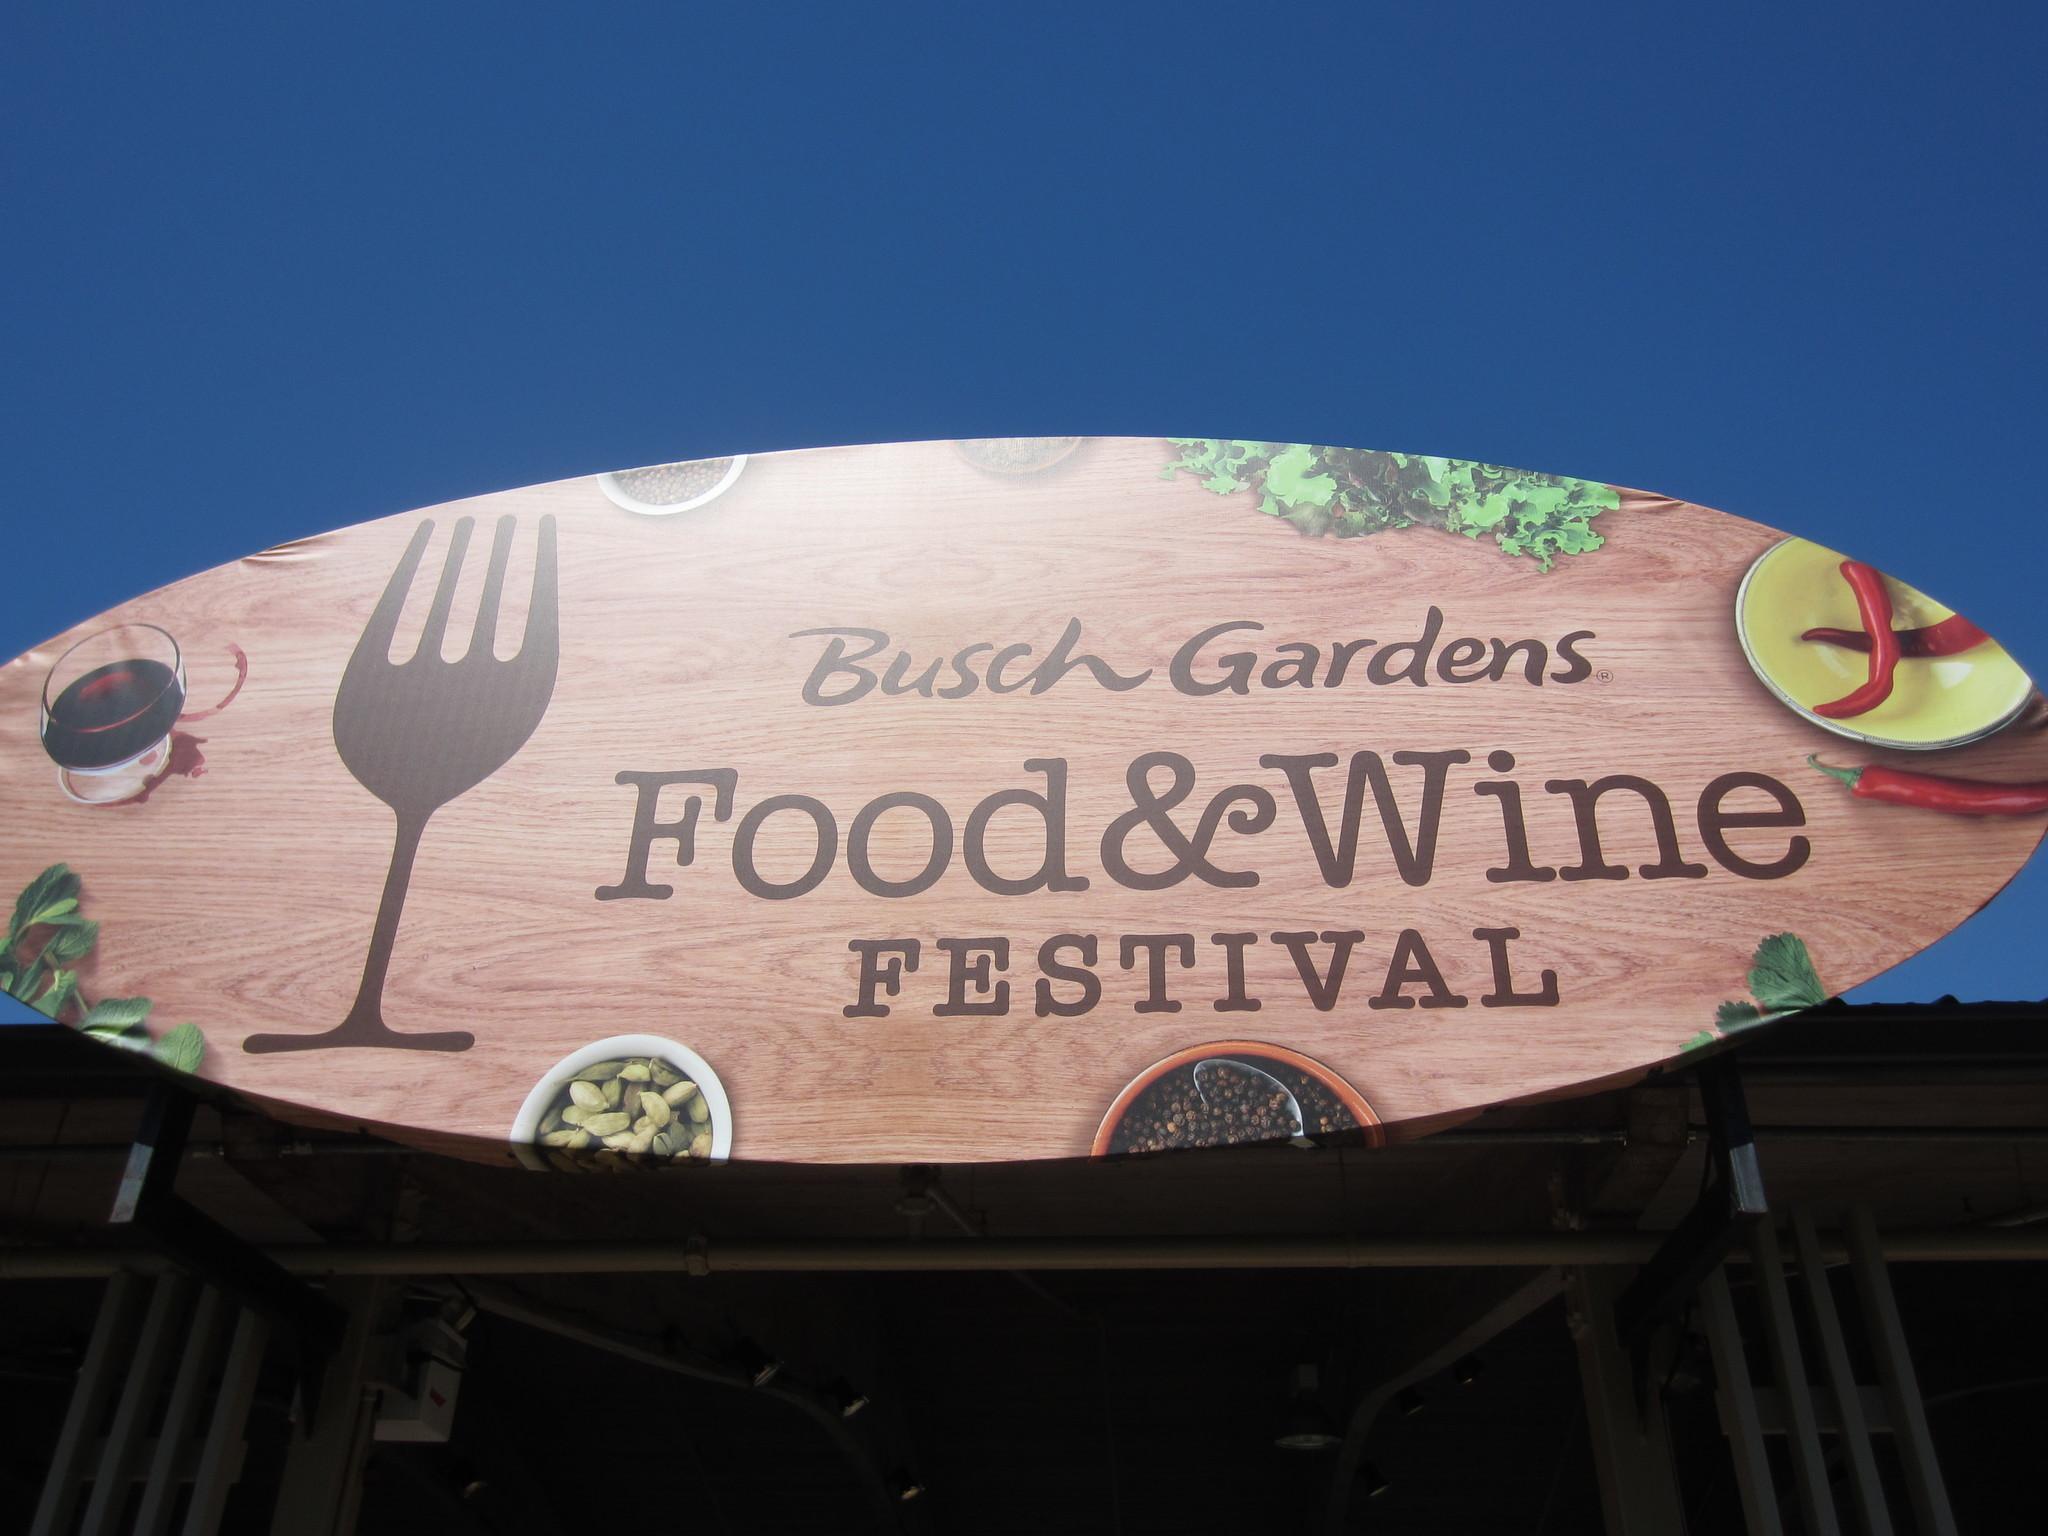 Food And Wine De Busch Gardens En Tampa El Sentinel